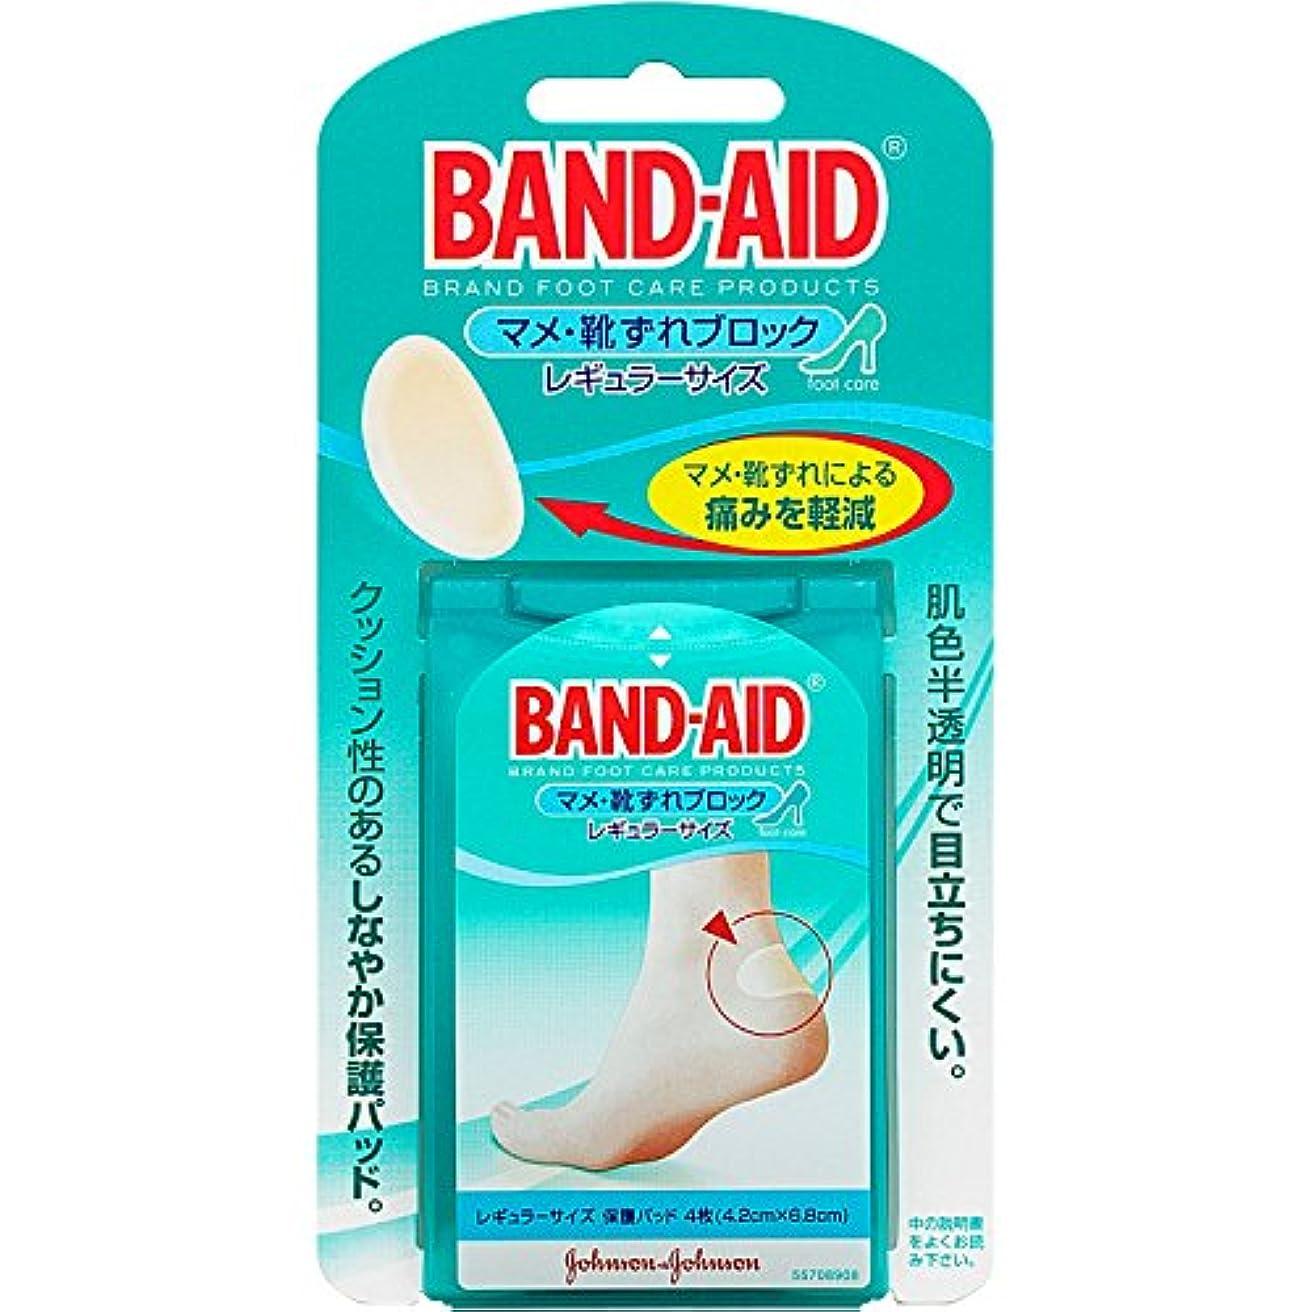 刺します漫画フルーツ野菜BAND-AID(バンドエイド) マメ?靴ずれブロック レギュラーサイズ 4枚